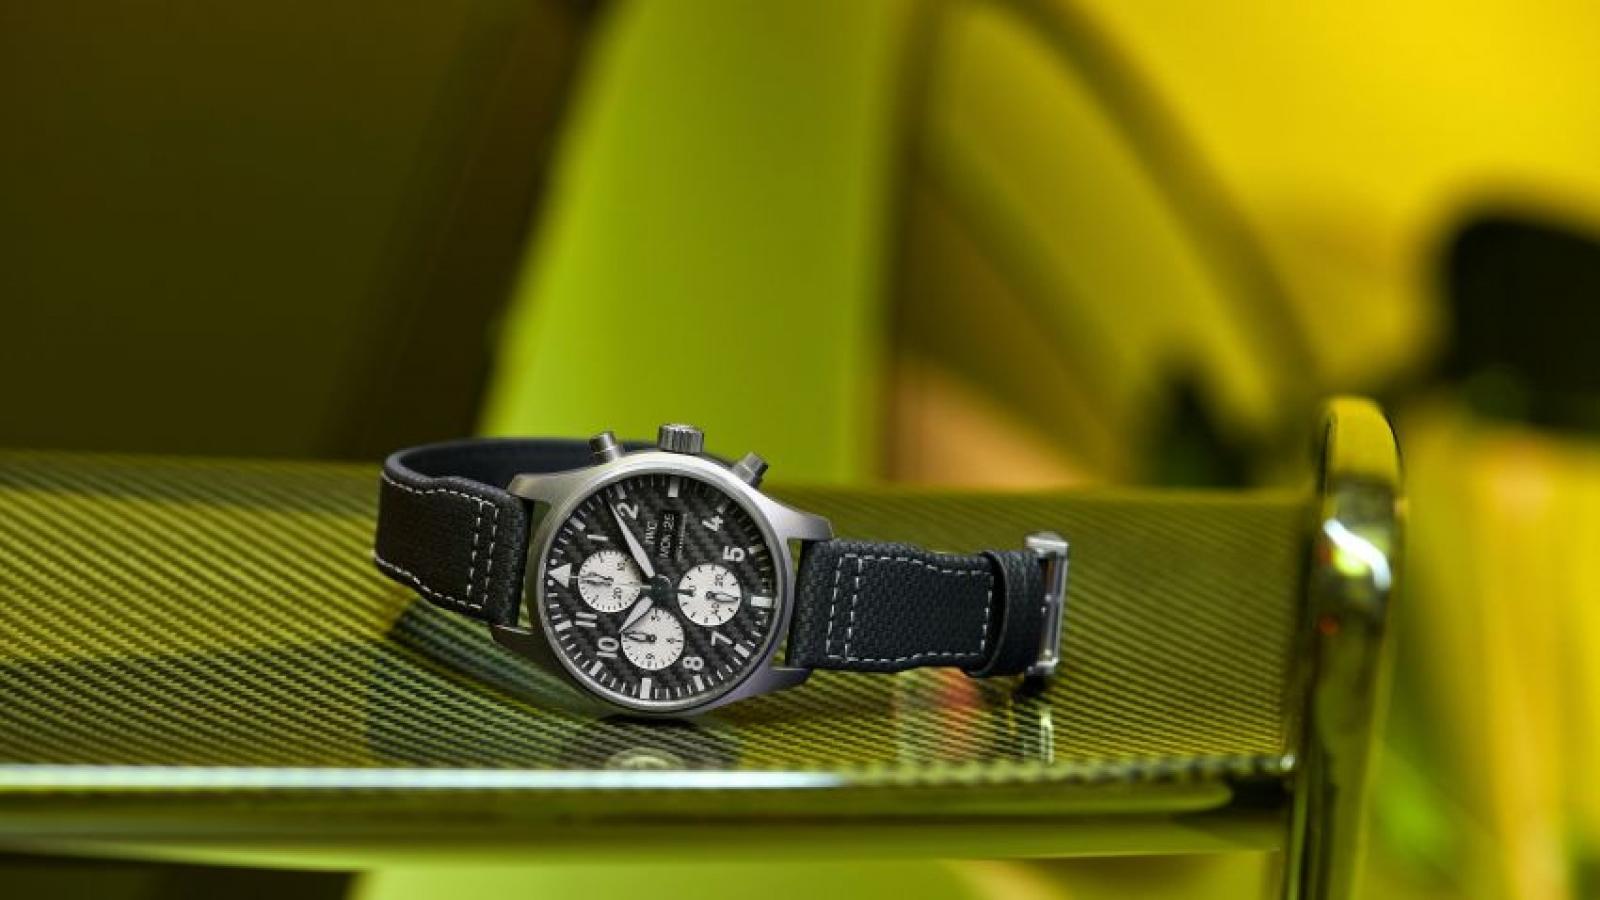 Mercedes kết hợp IWC tung ra dòng đồng hồ mới giá 210 triệu đồng